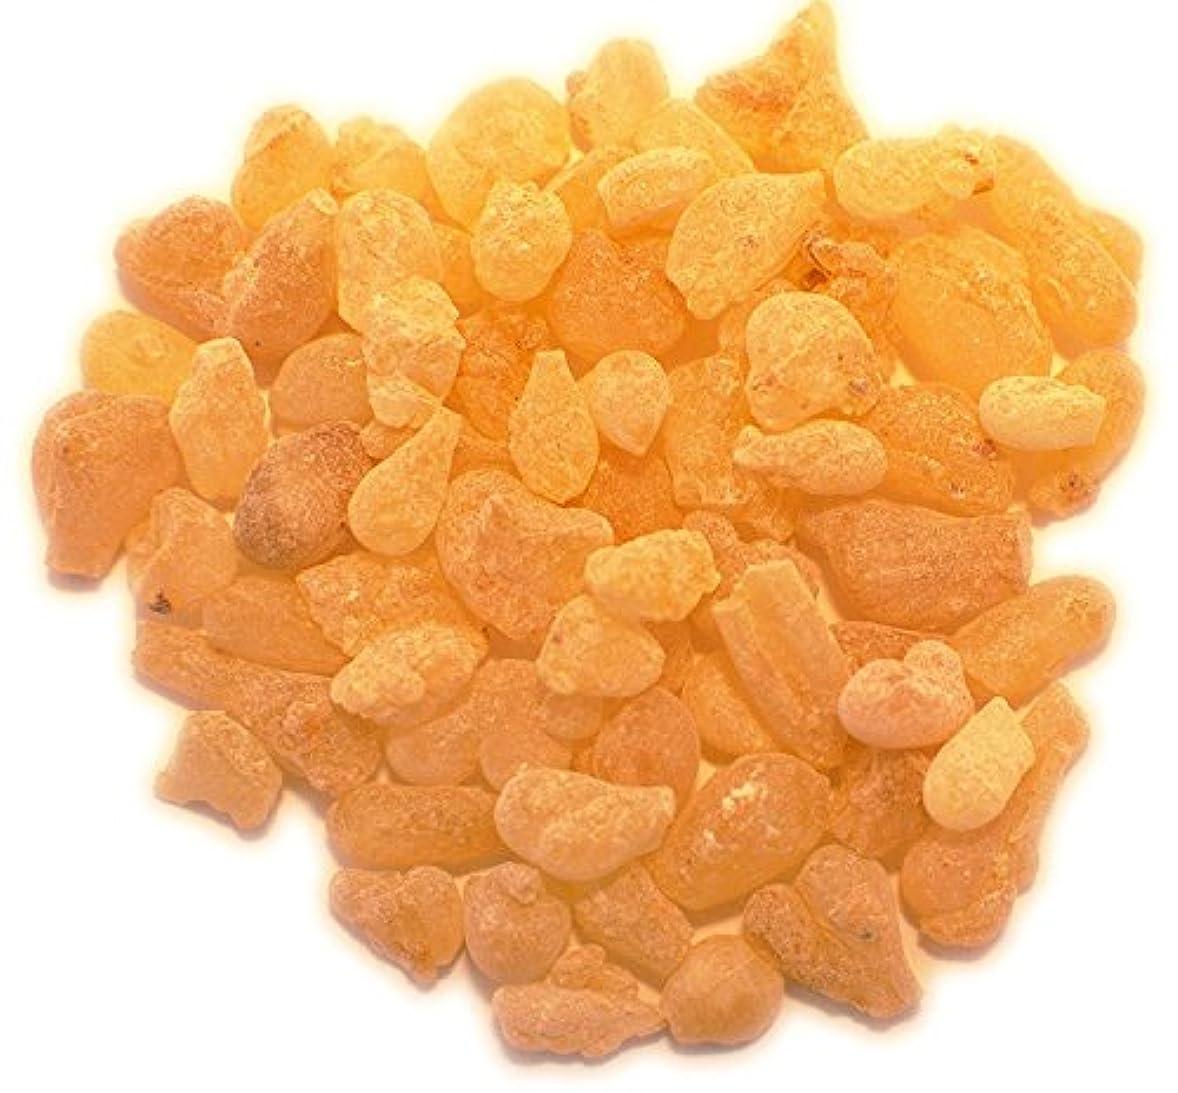 スクラッチ放棄されたプロフェッショナルEarthWise Aromatics 乳香 オーガニック 16オンス 1ポンド 100%天然